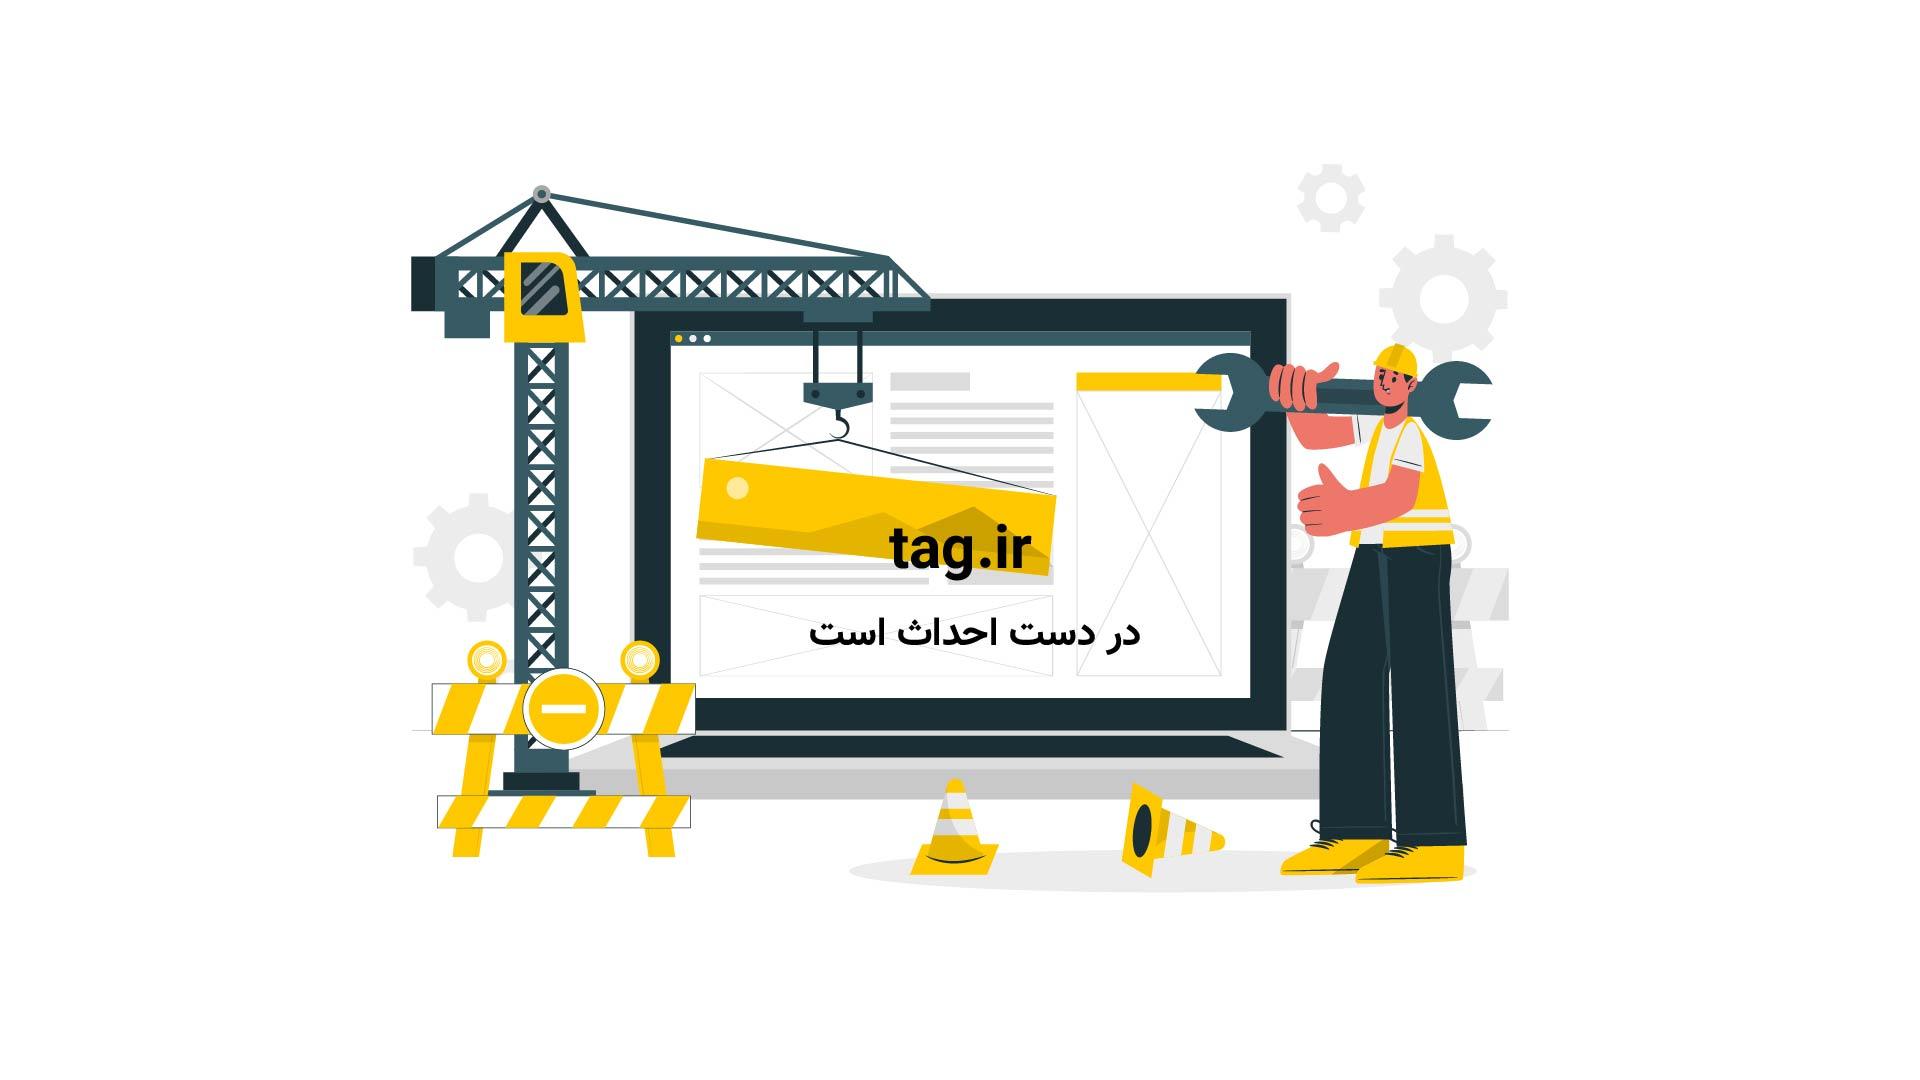 آموزش درست کردن سبد میوه برای شب یلدا   فیلم